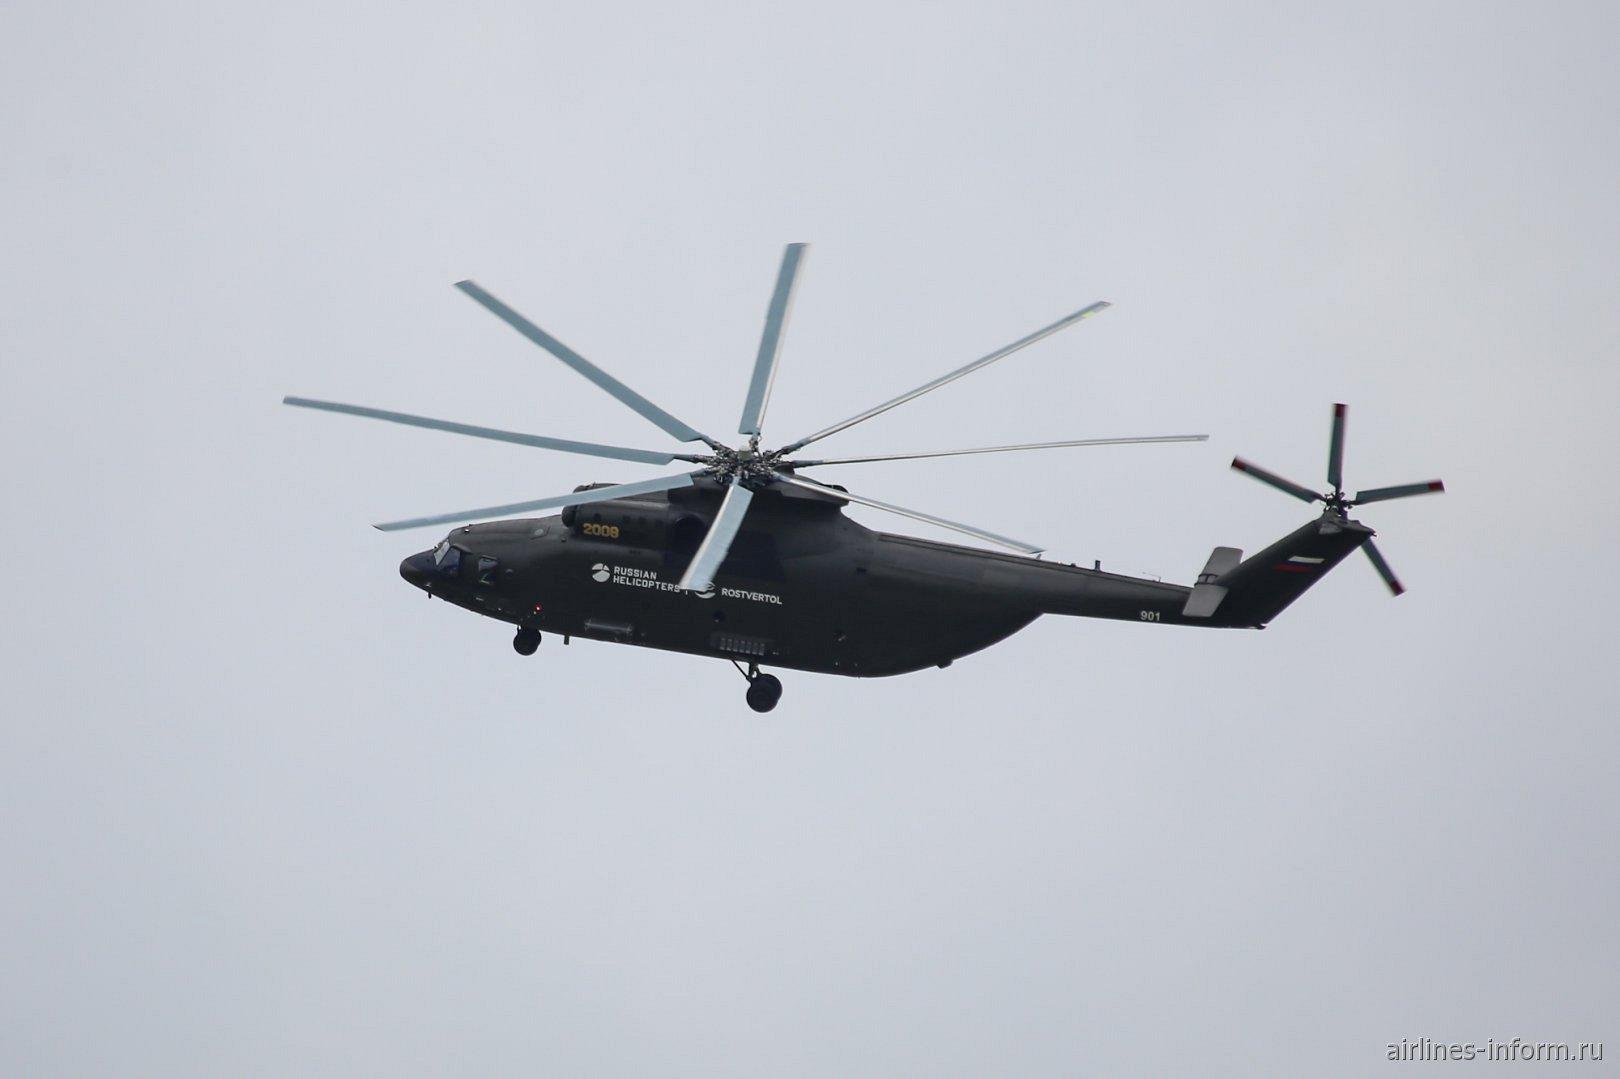 Вертолет Ми-26Т2 в полете на авиасалоне МАКС-2017